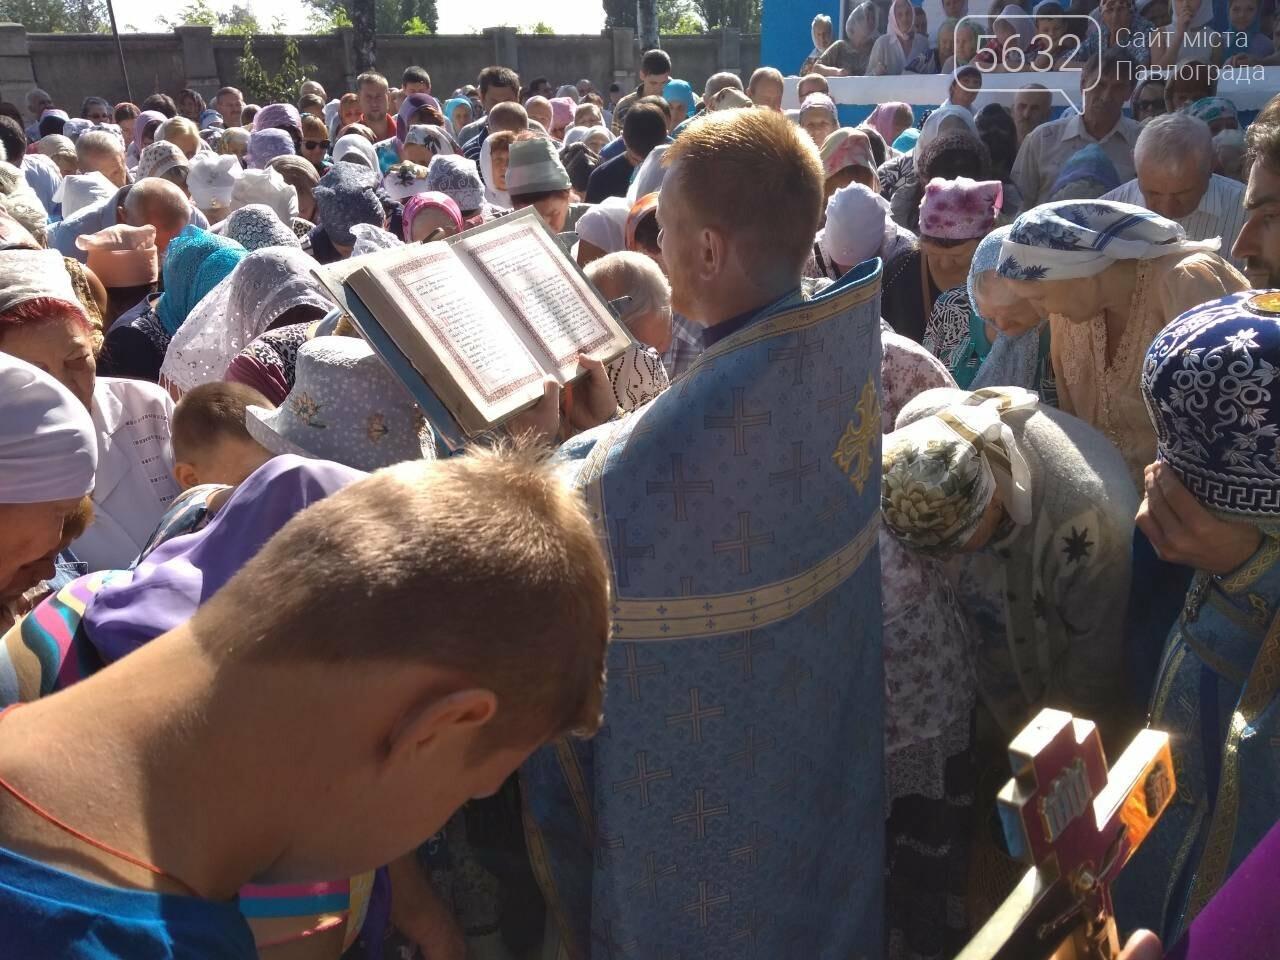 В Павлограде православные празднуют Успение Пресвятой Богородицы (Обновлено), фото-7